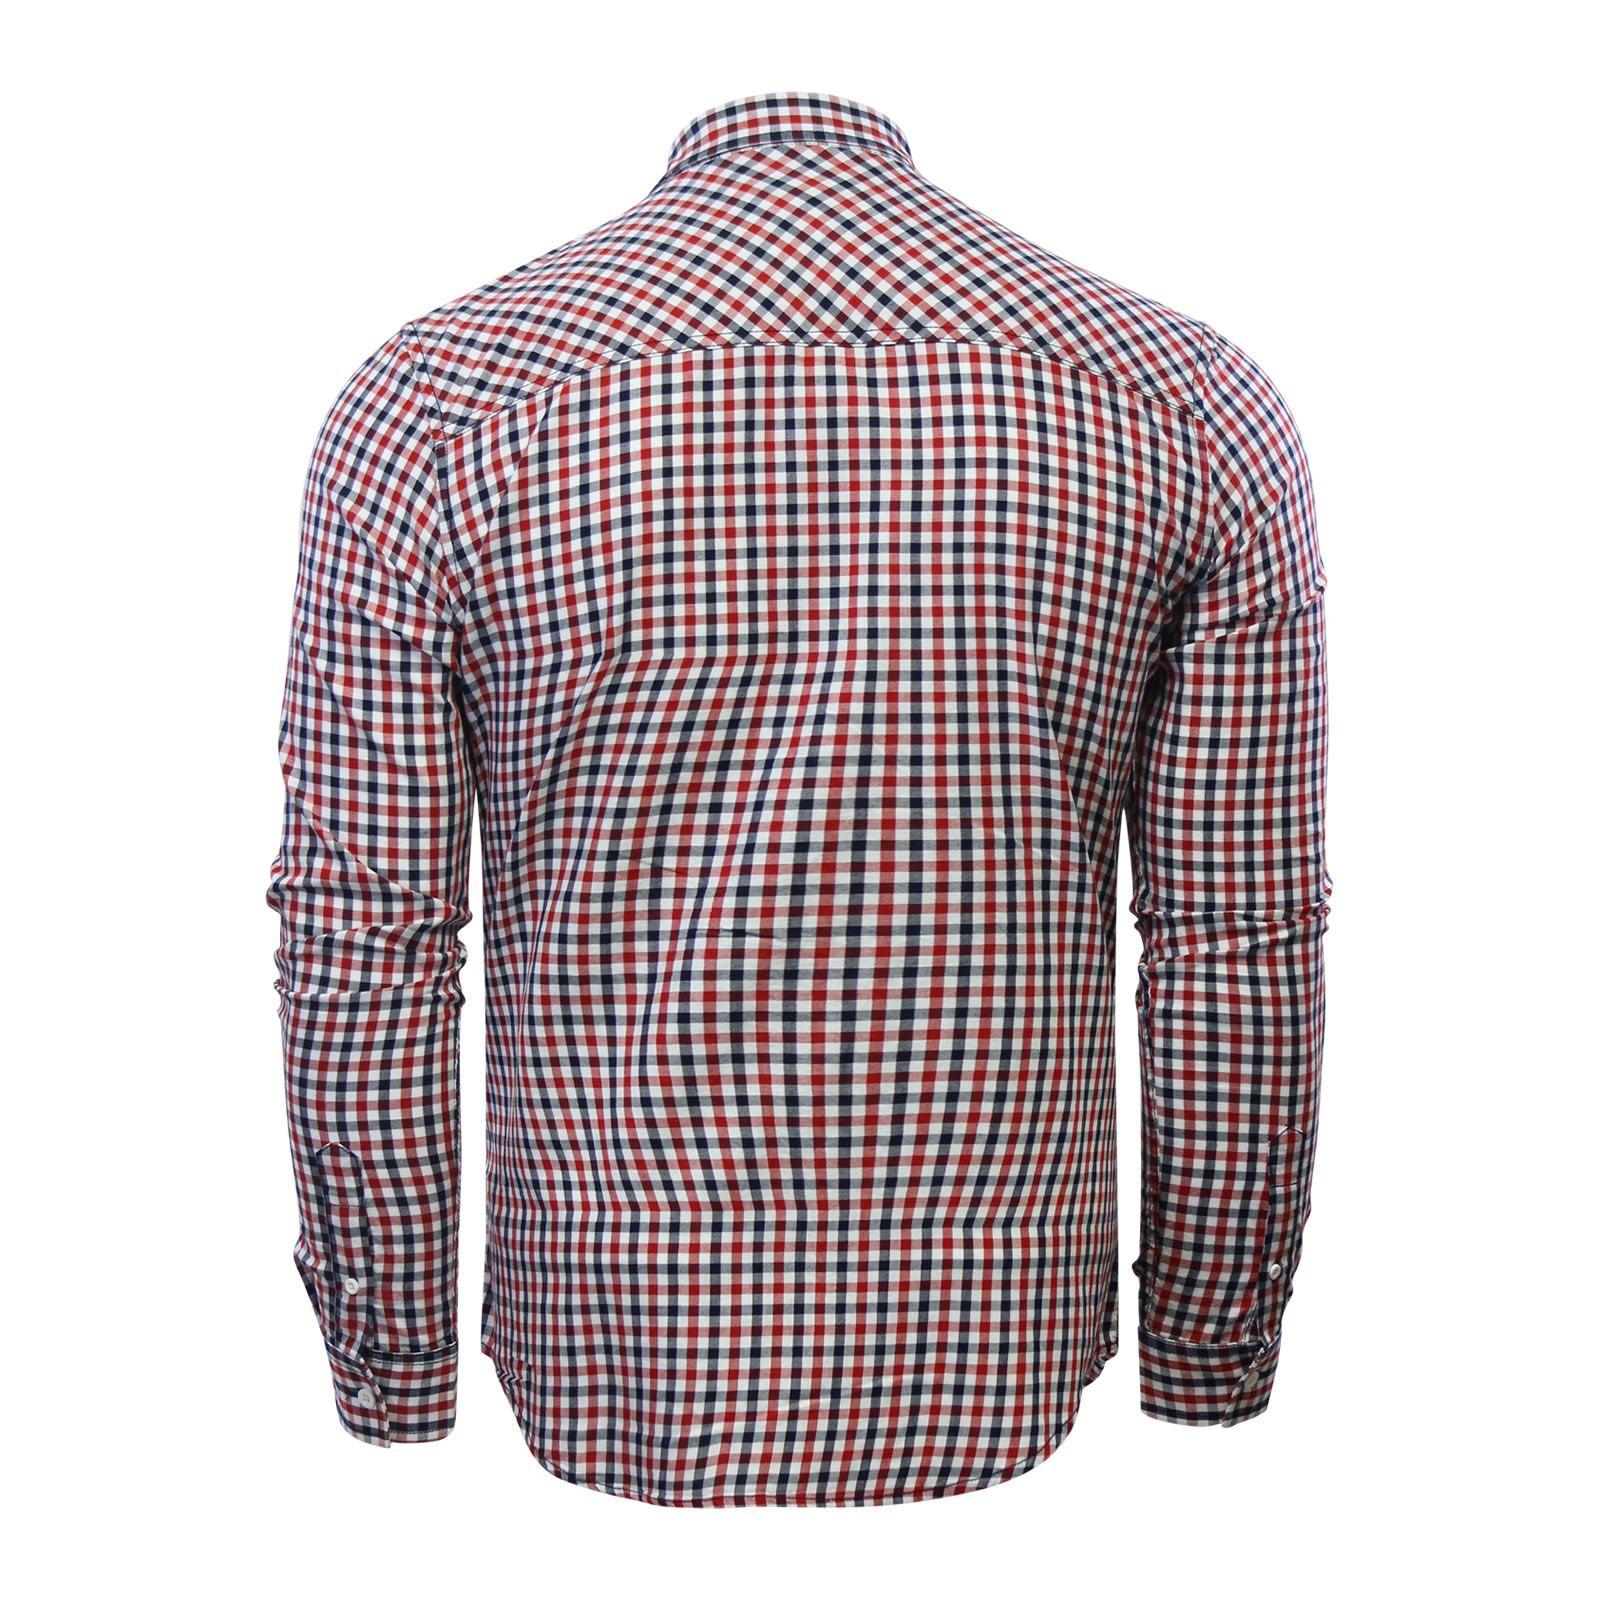 miniature 3 - Homme Chemise à carreaux Crosshatch Larix en coton à manches longues Top Casual